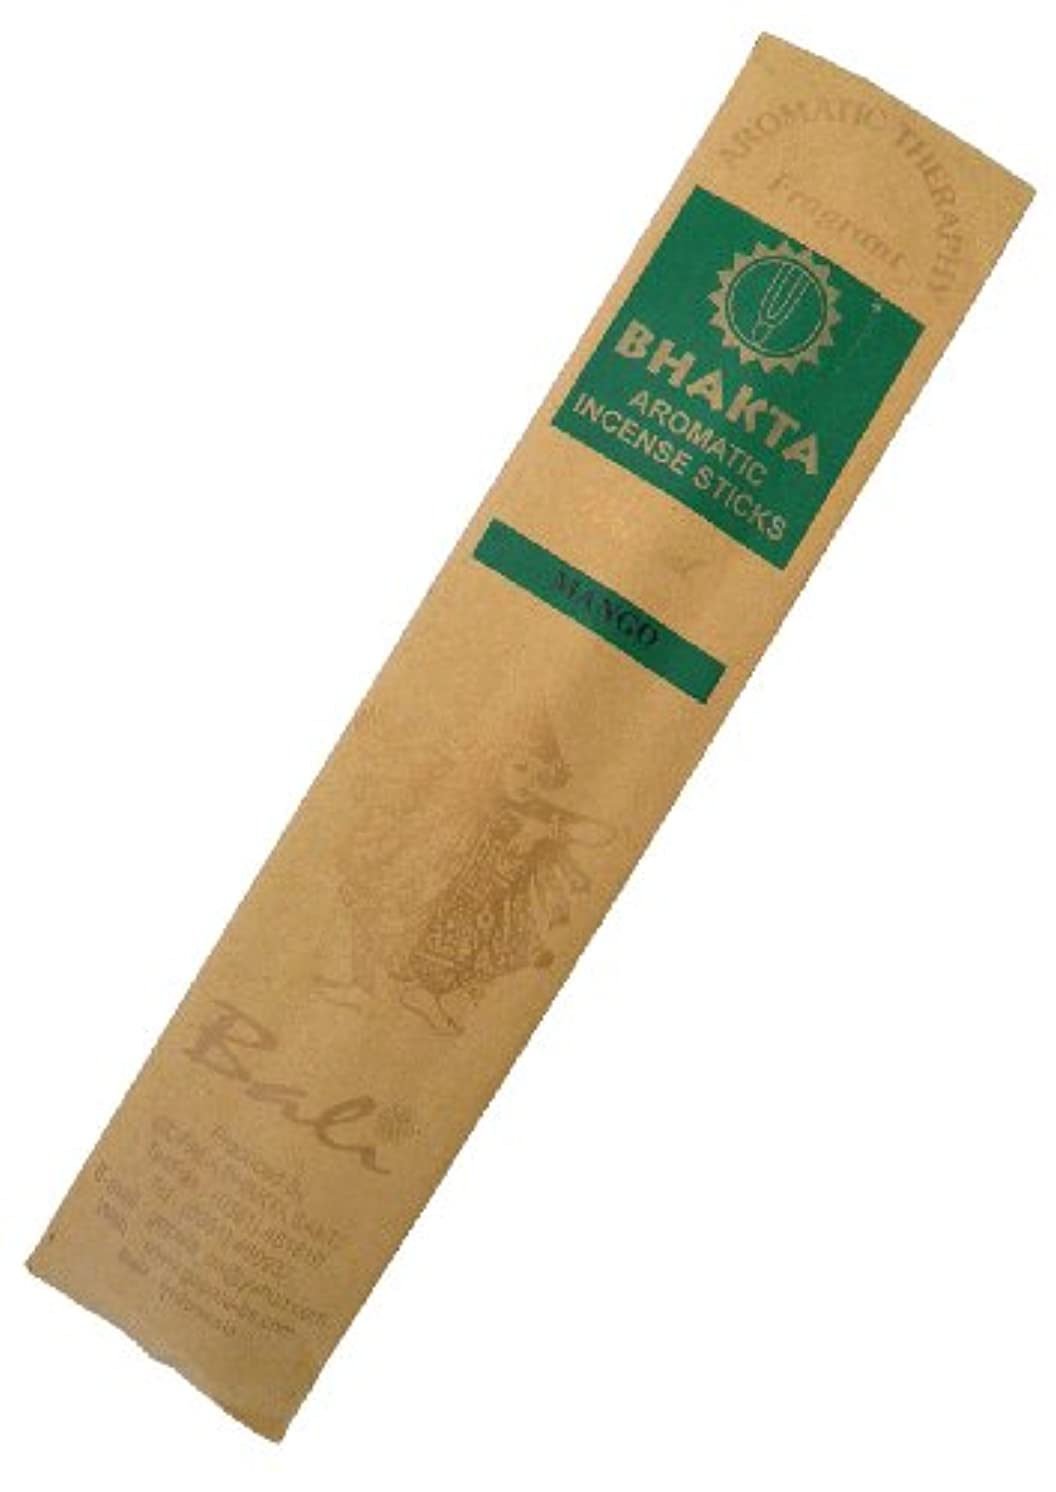 つかいますホイッスル投資するお香 BHAKTA ナチュラル スティック 香(マンゴー)ロングタイプ インセンス[アロマセラピー 癒し リラックス 雰囲気作り]インドネシア?バリ島のお香